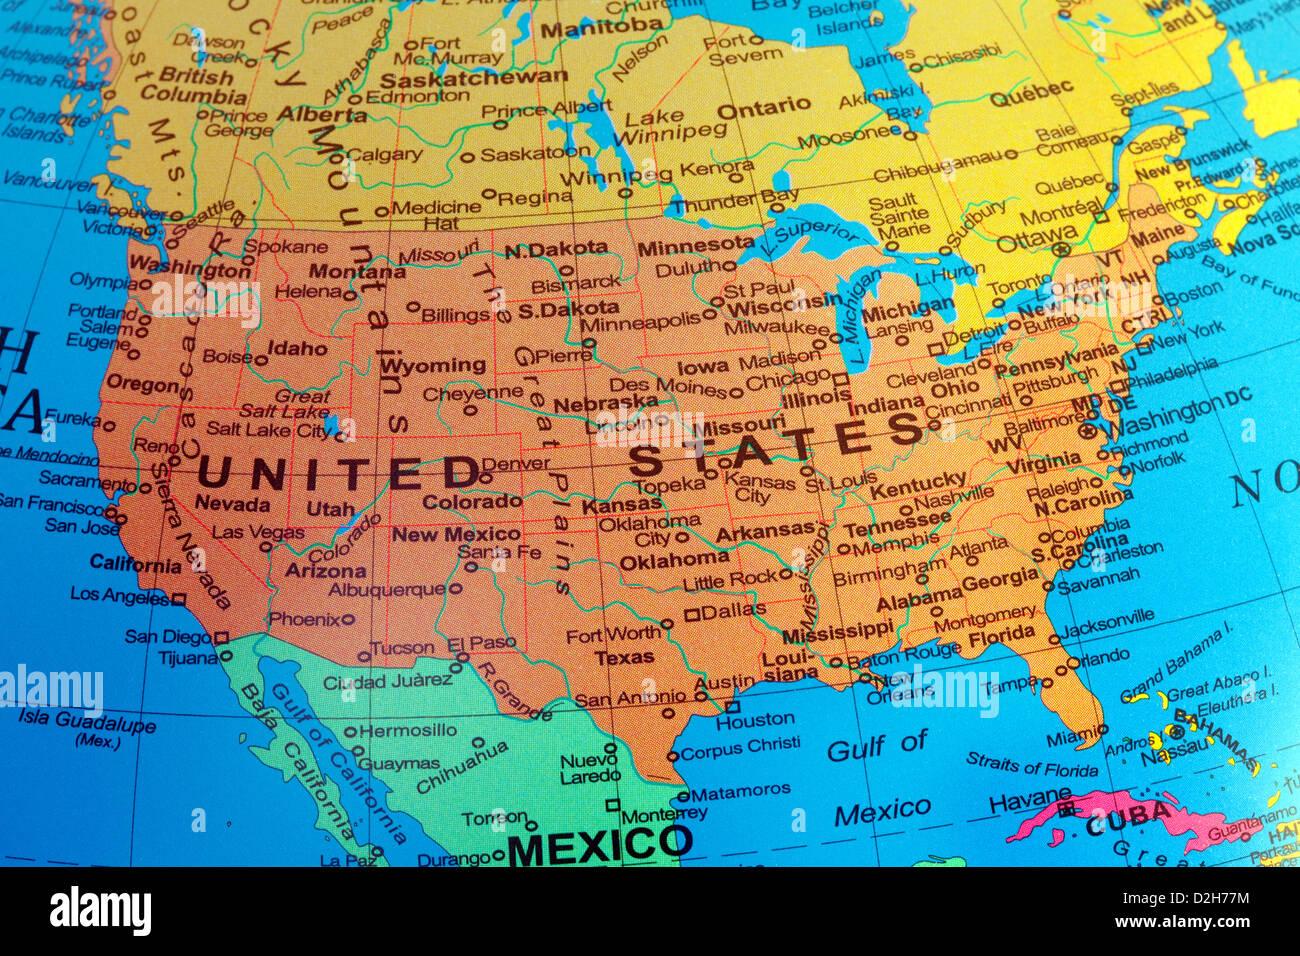 La Cartina Degli Stati Uniti D America.Usa Una Mappa Degli Stati Uniti D America Da Un Globo Foto Stock Alamy